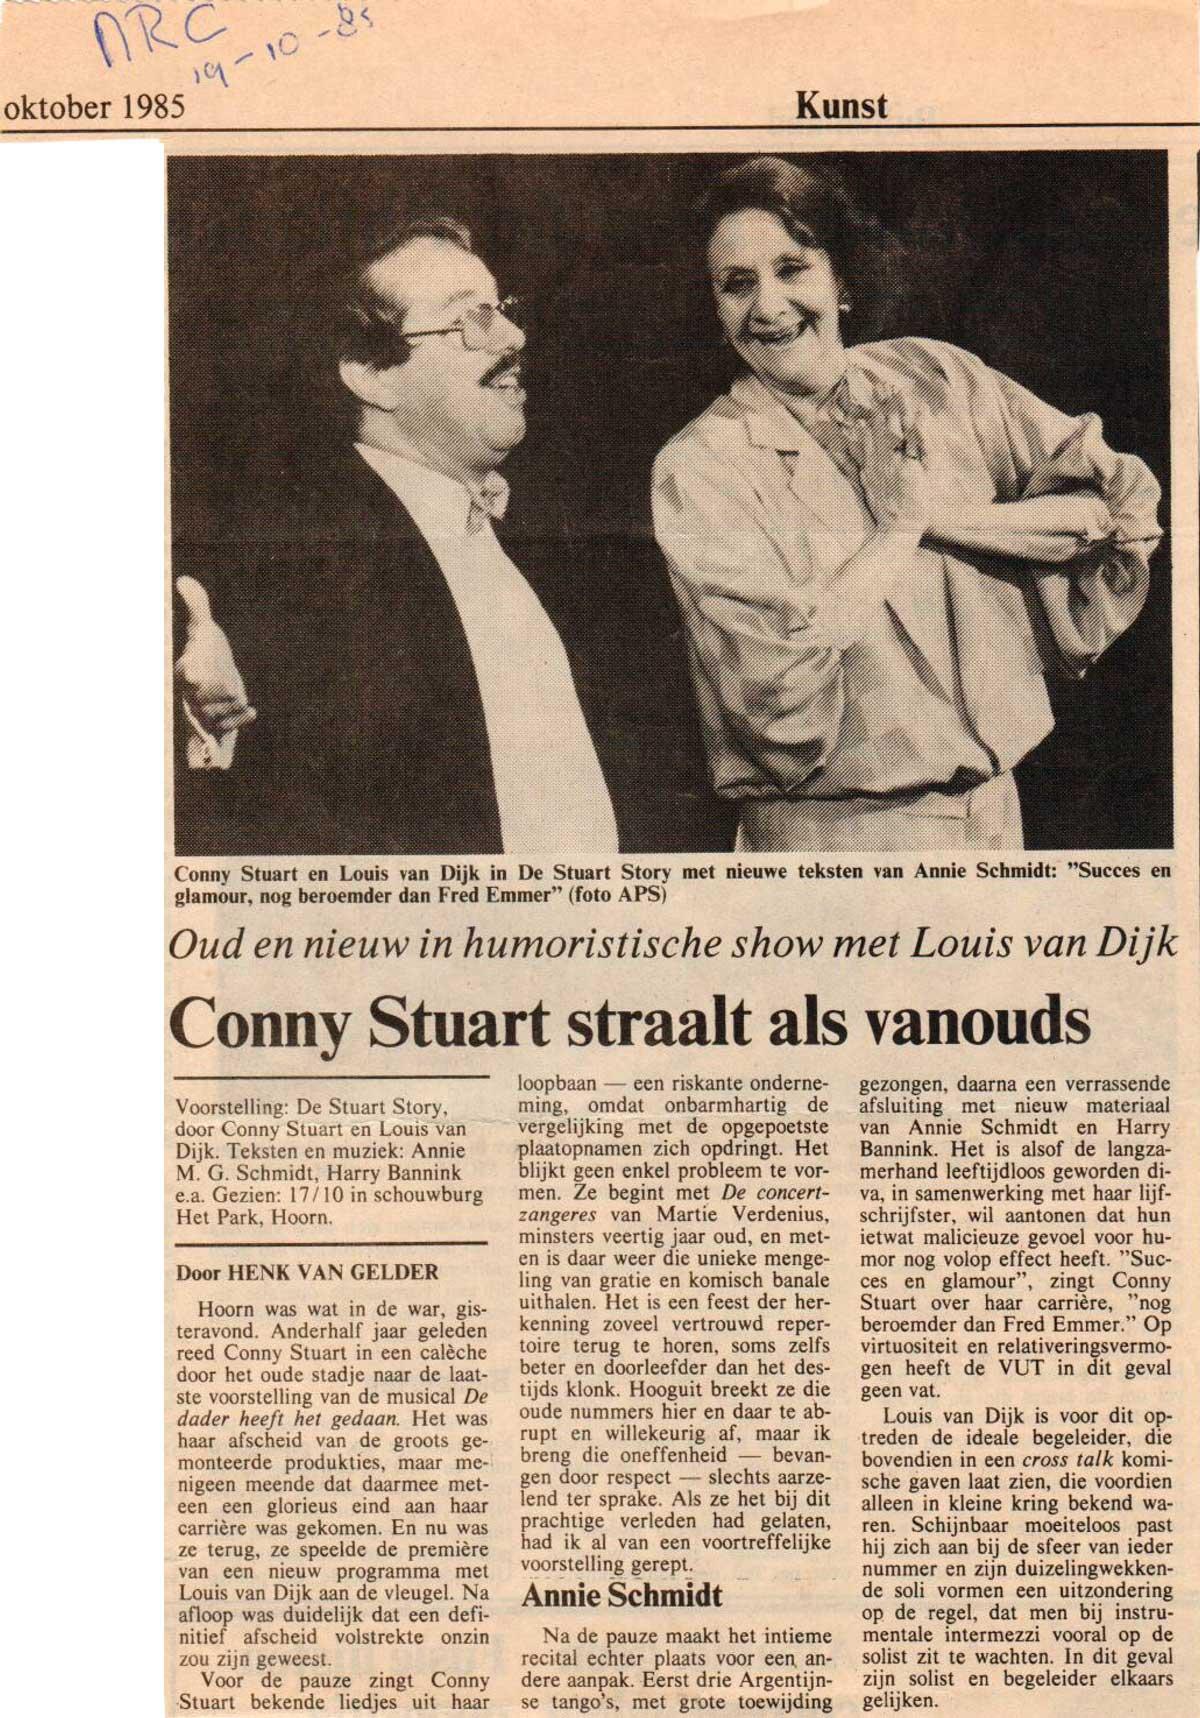 conny-stuart-en-louis-van-dijk-1985